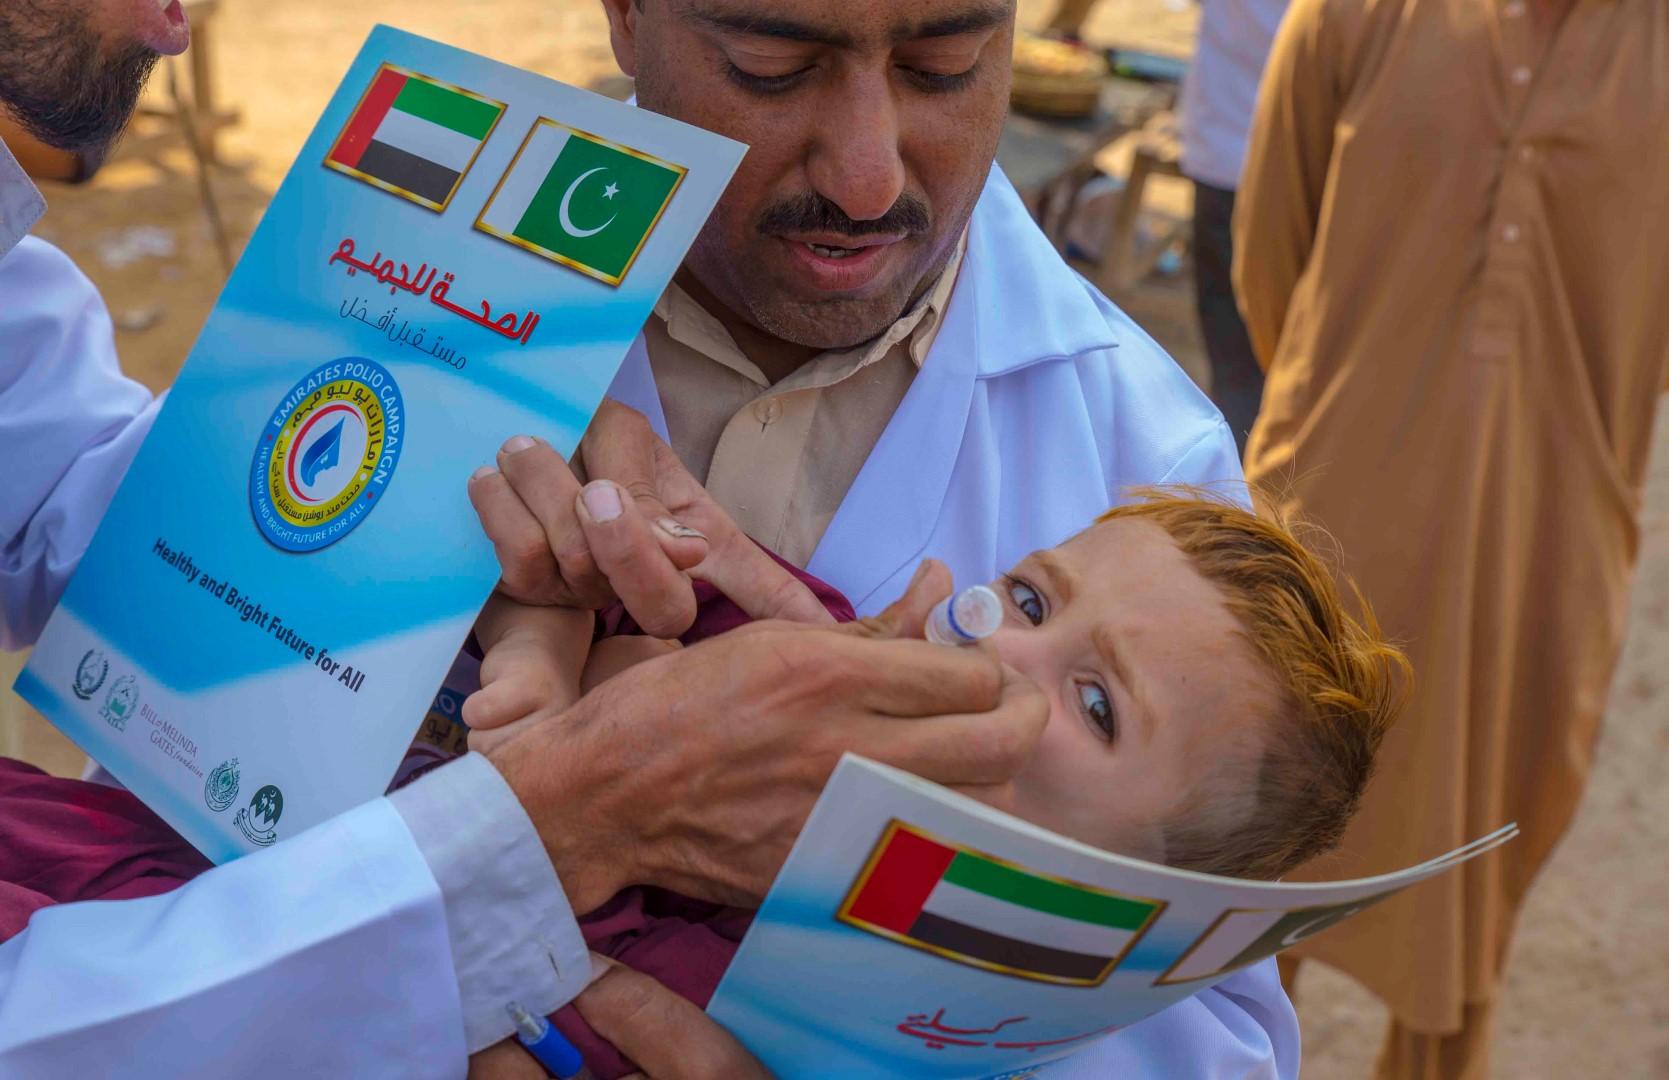 بتوجيهات رئيس الدولة .. أكثر من 43 مليون طفل باكستاني حصلوا على ربع مليار جرعة تطعيم ضد شلل الأطفال. 5